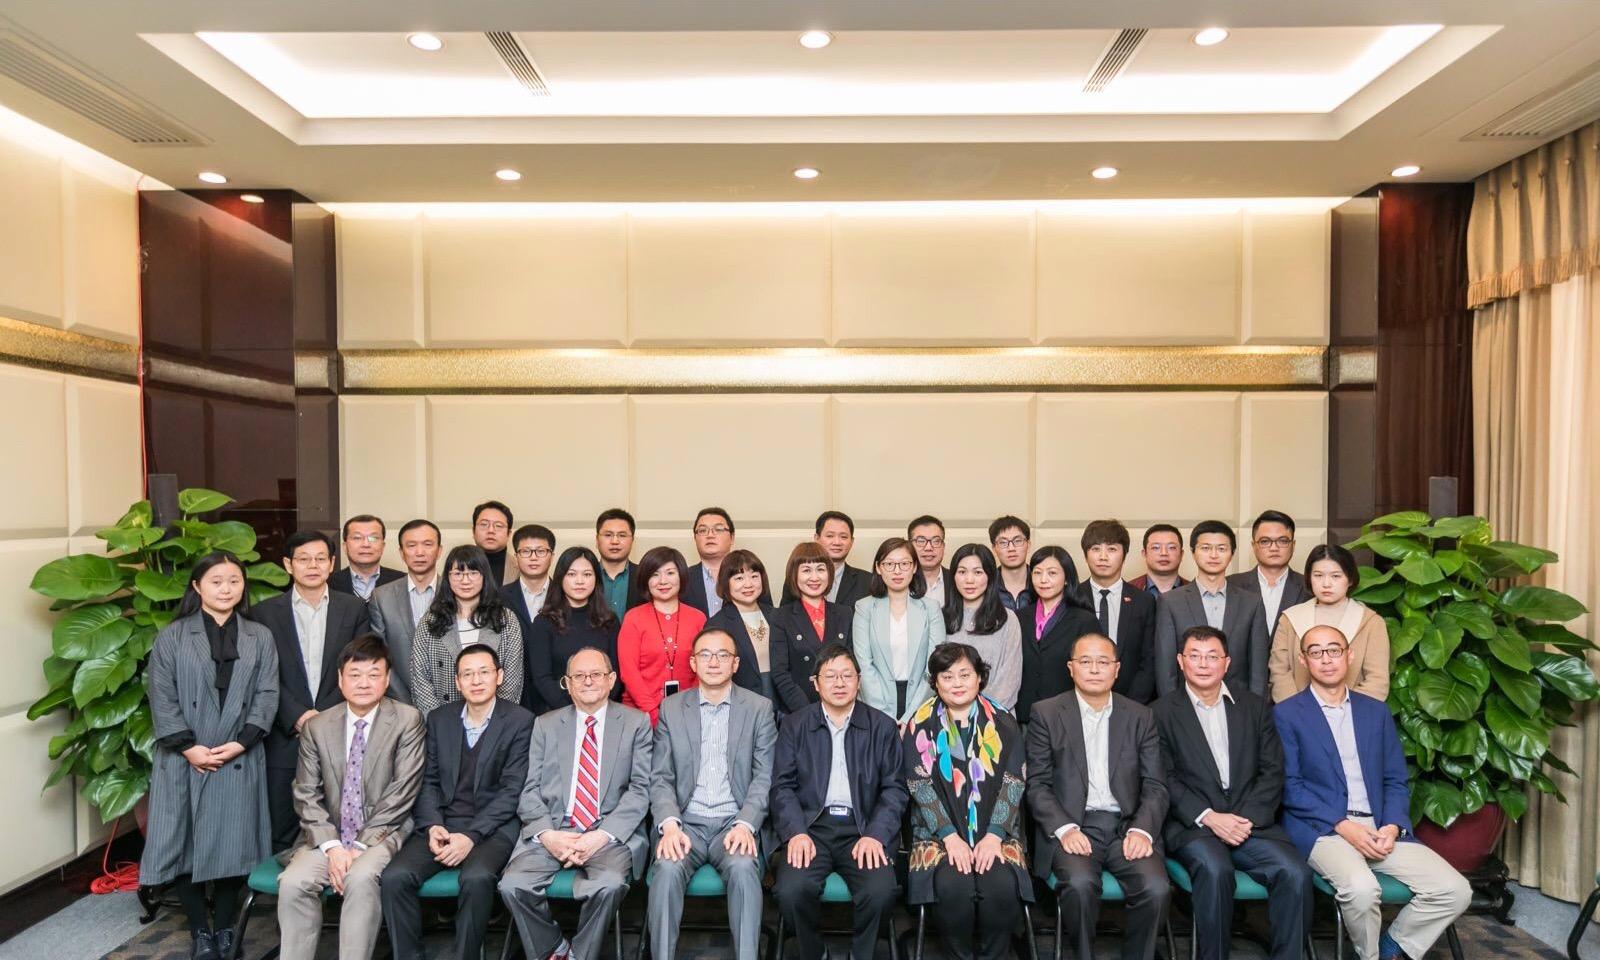 祝贺国家高新技术企业我爱方案网董事长刘杰博士当选为CEDA副理事长